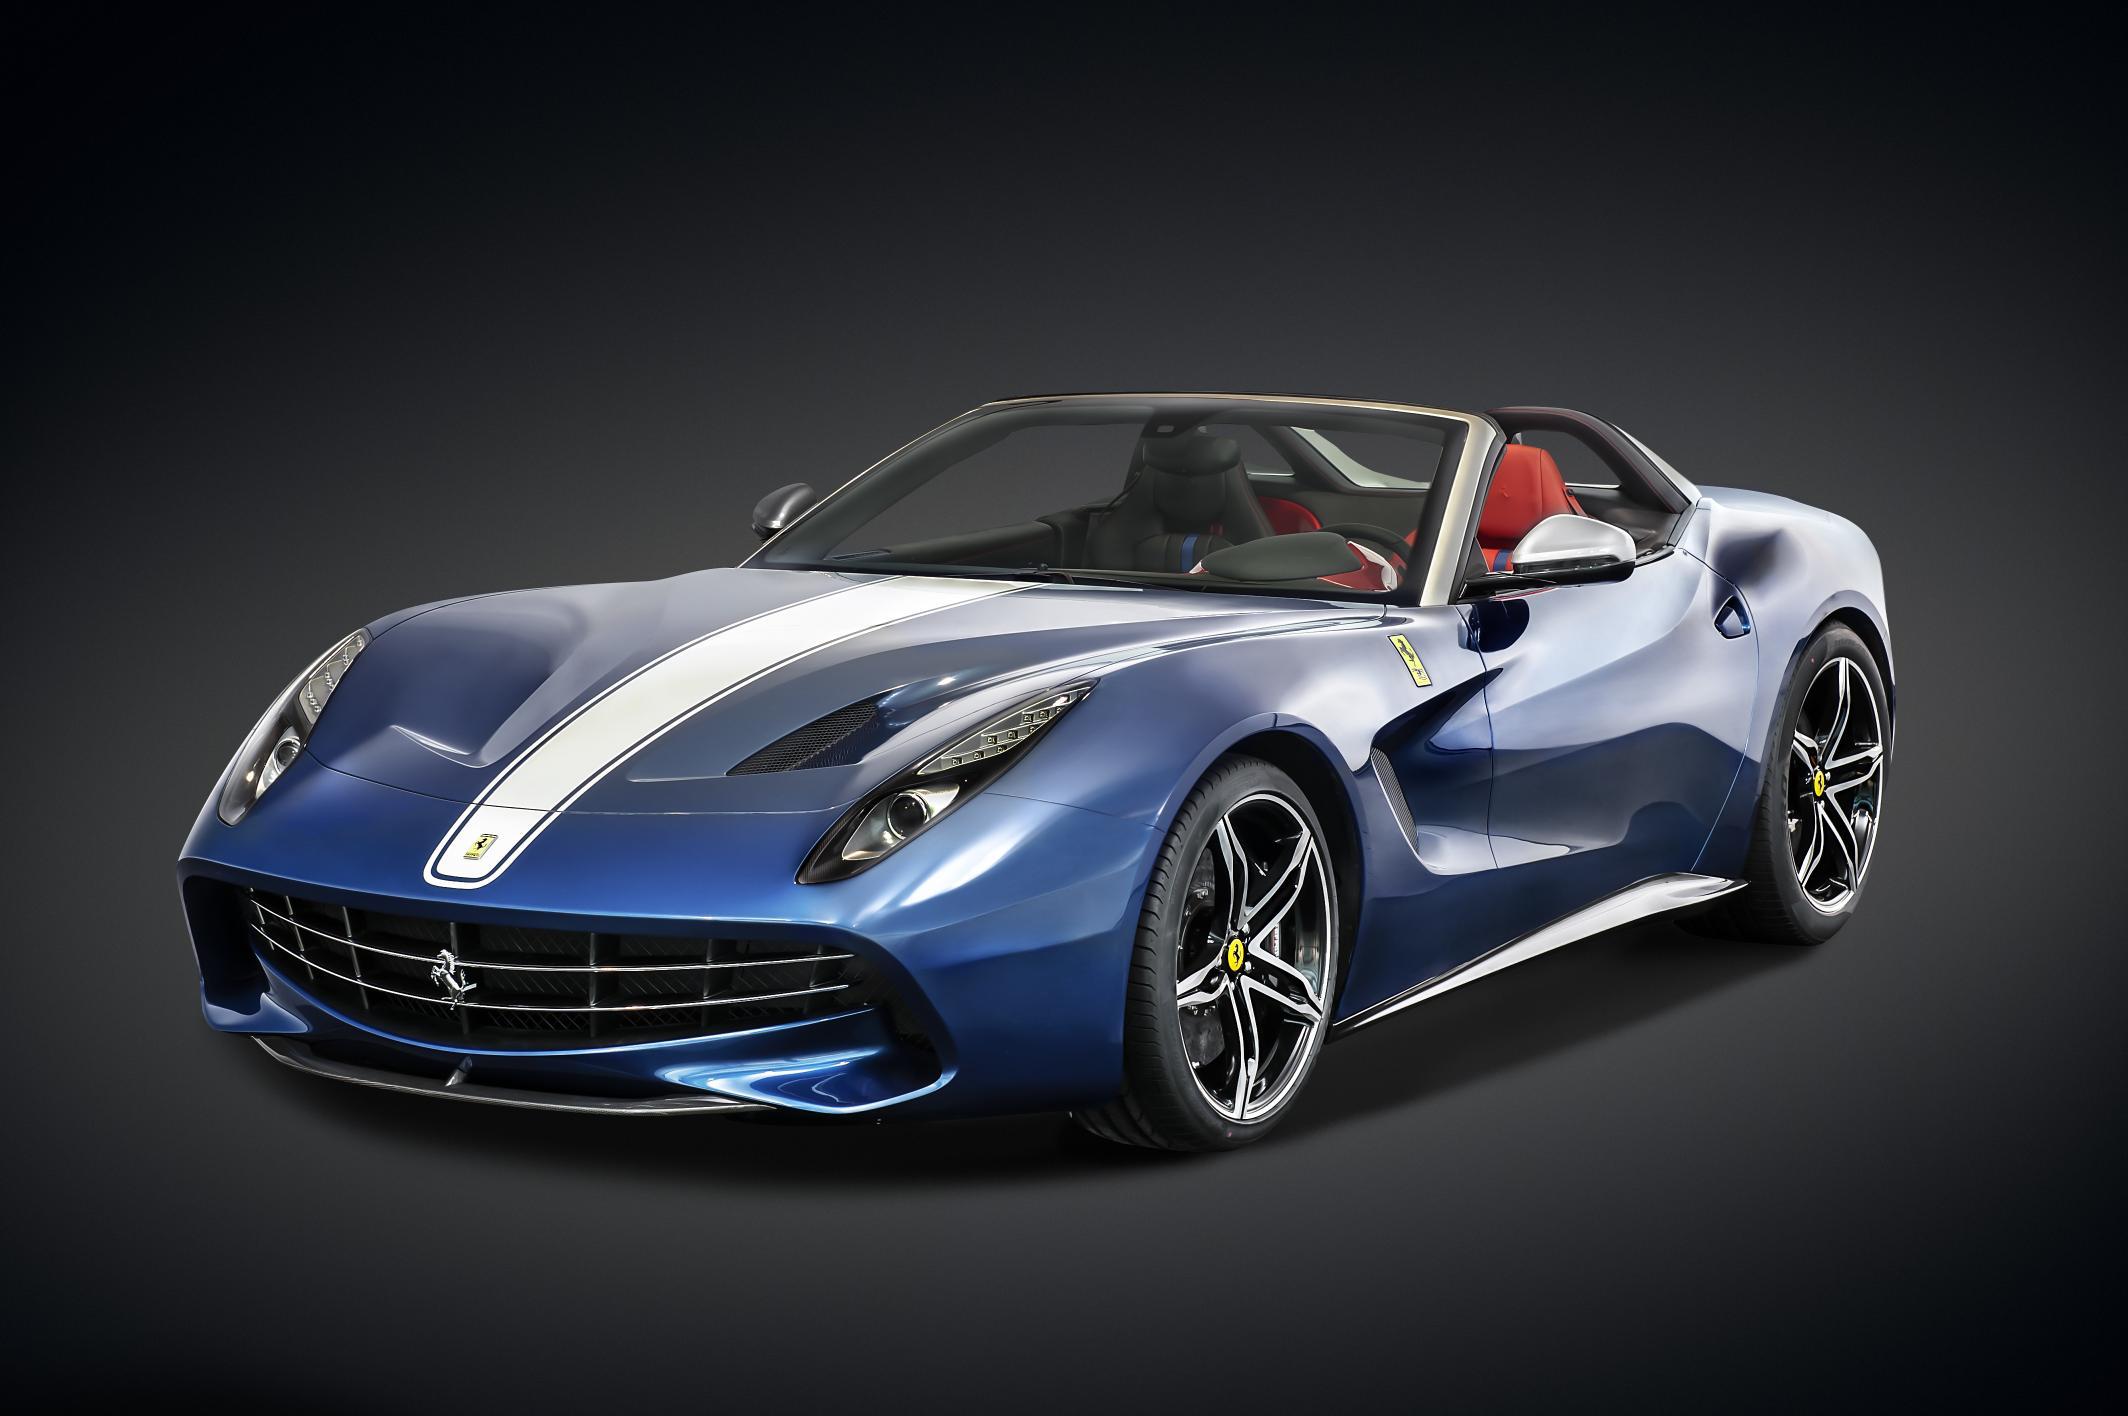 The Ferrari F60America